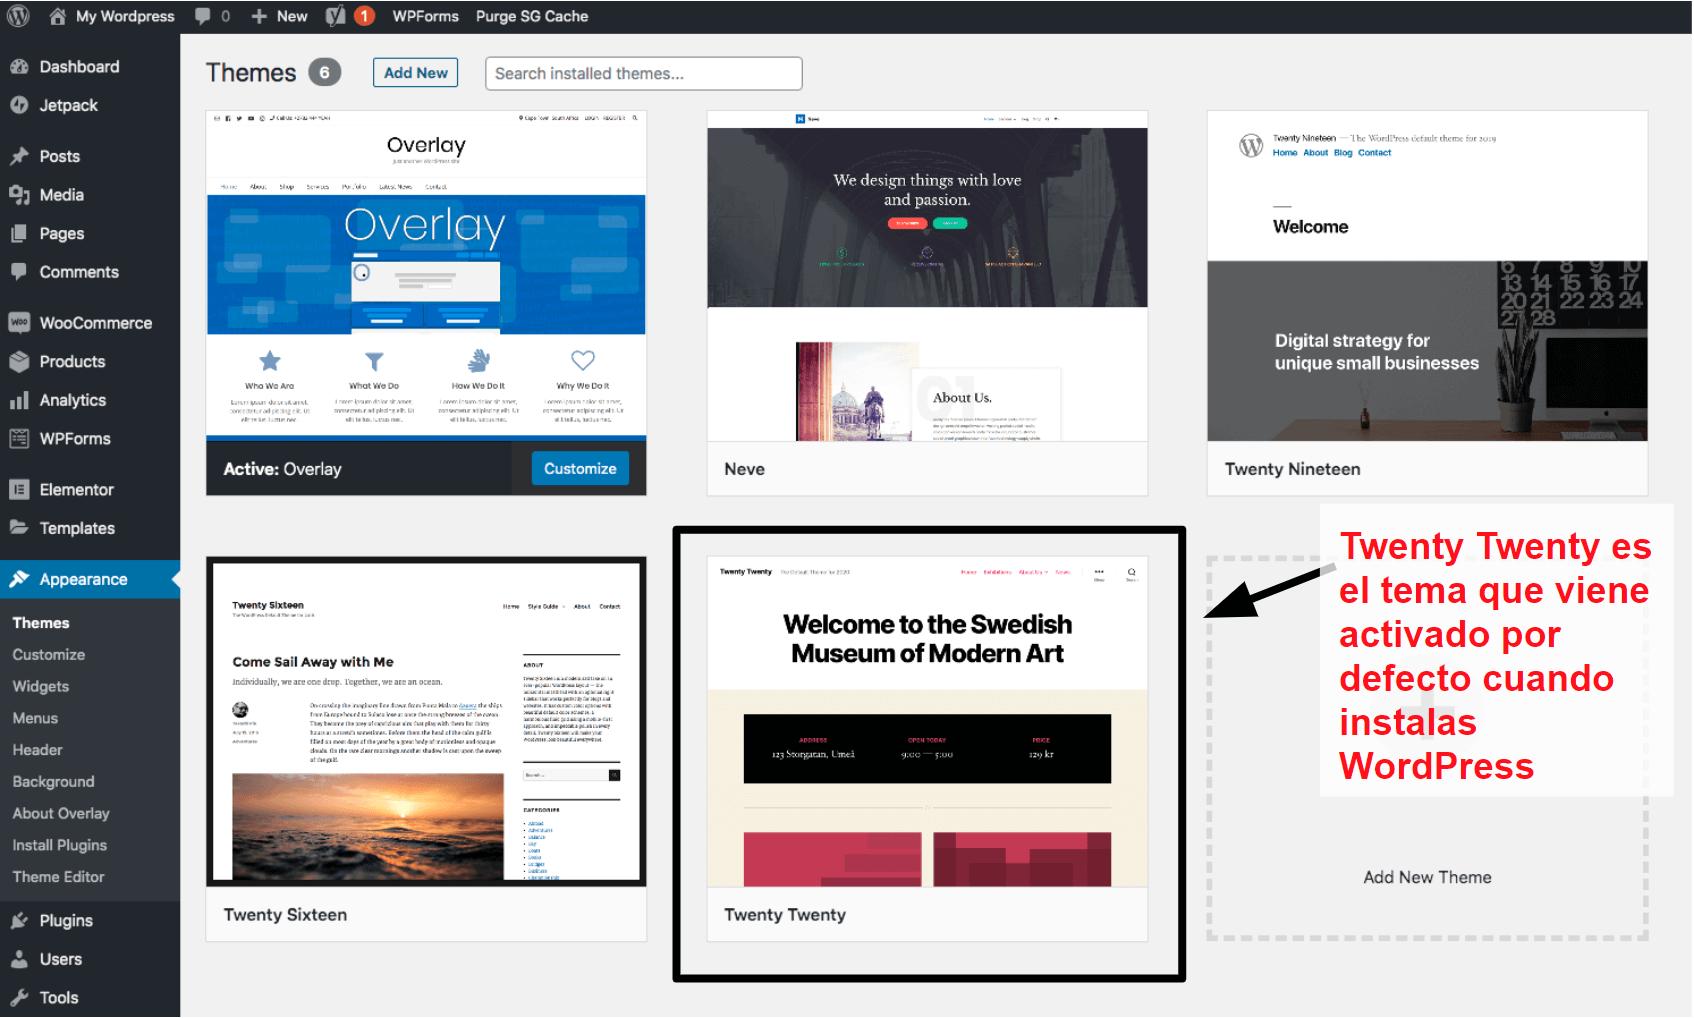 Cómo crear un sitio web en 2021: guía completa paso a paso